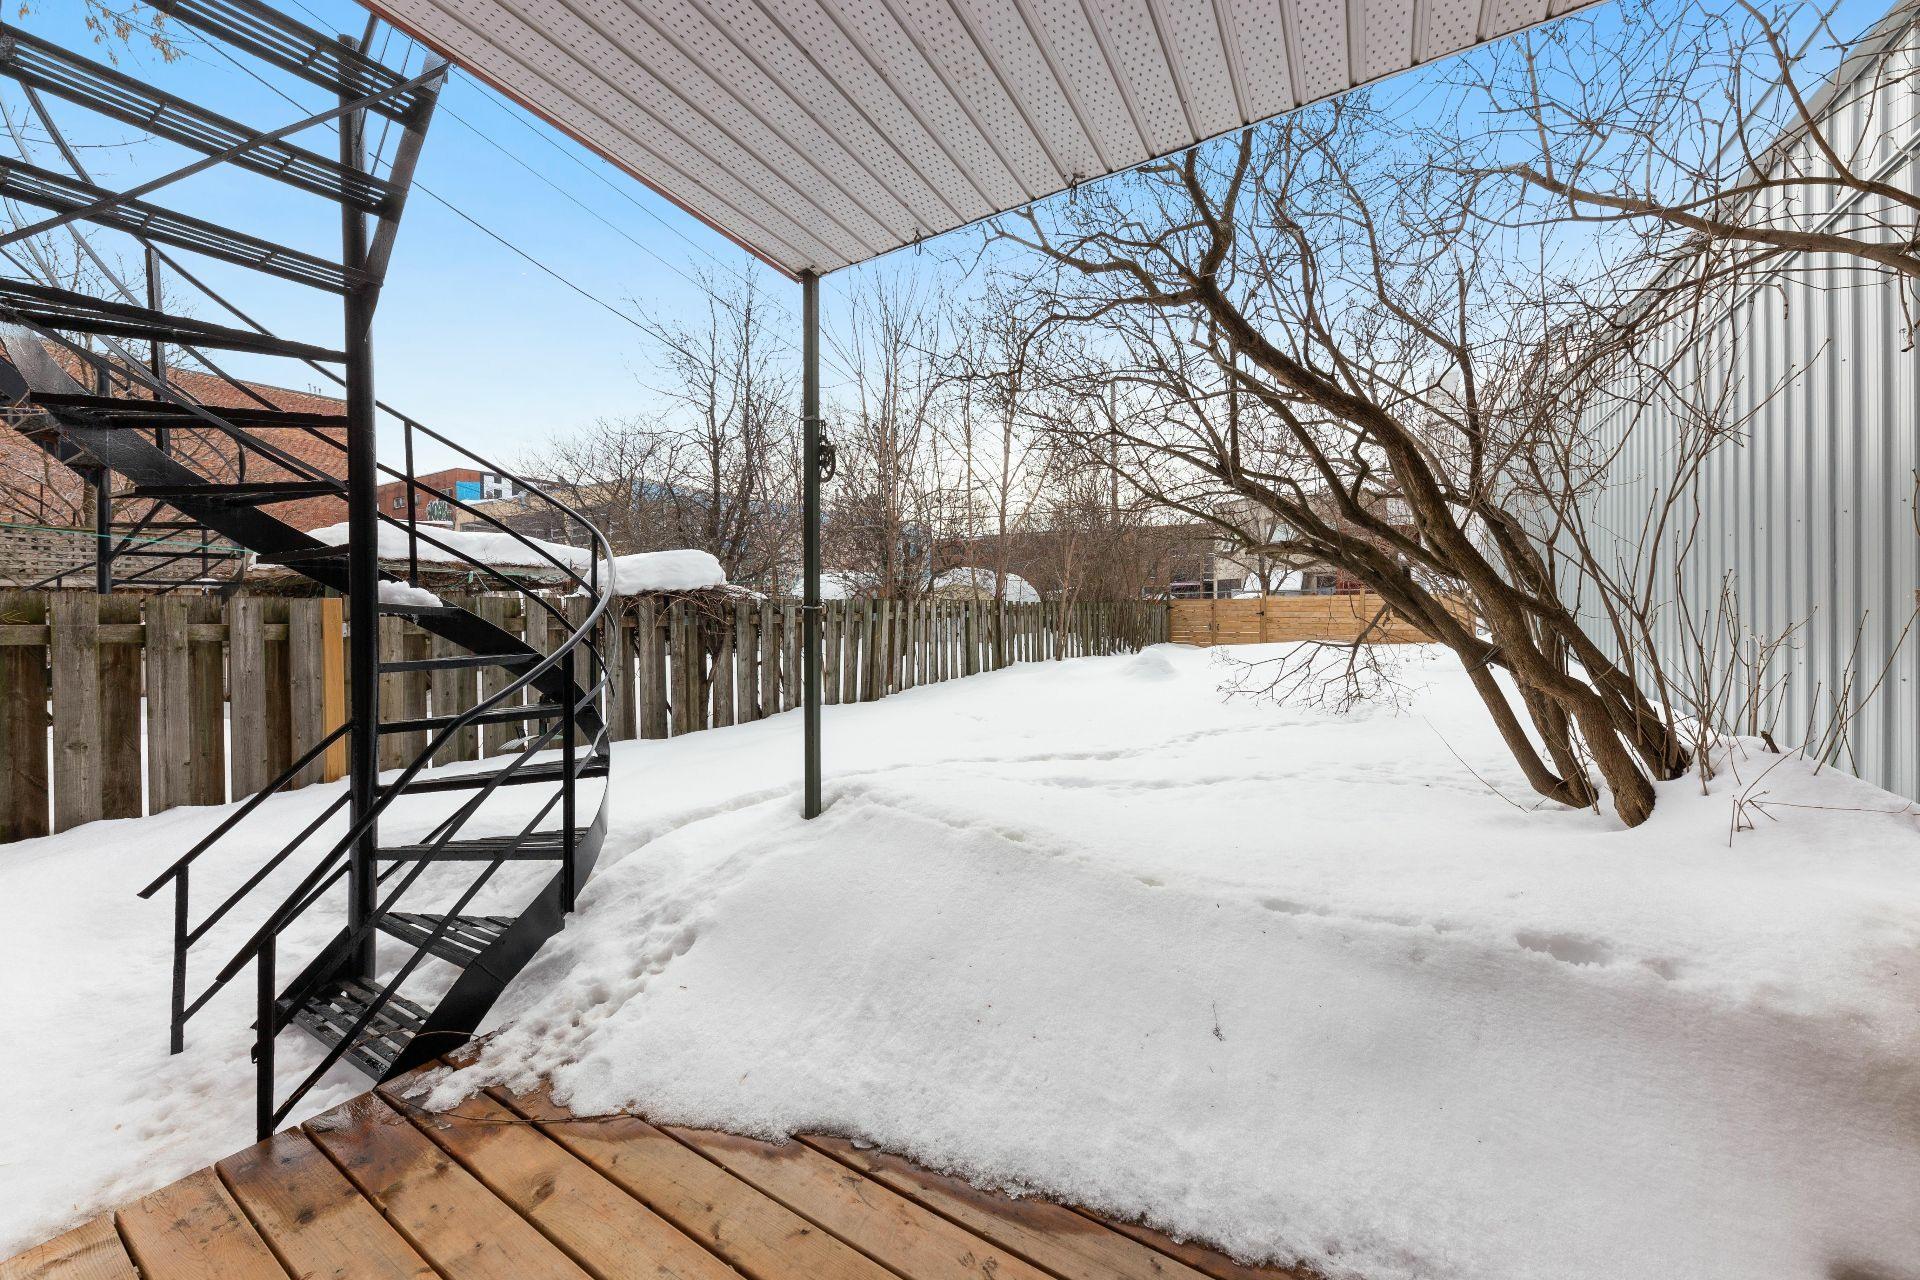 image 24 - Duplex For sale Le Plateau-Mont-Royal Montréal  - 5 rooms